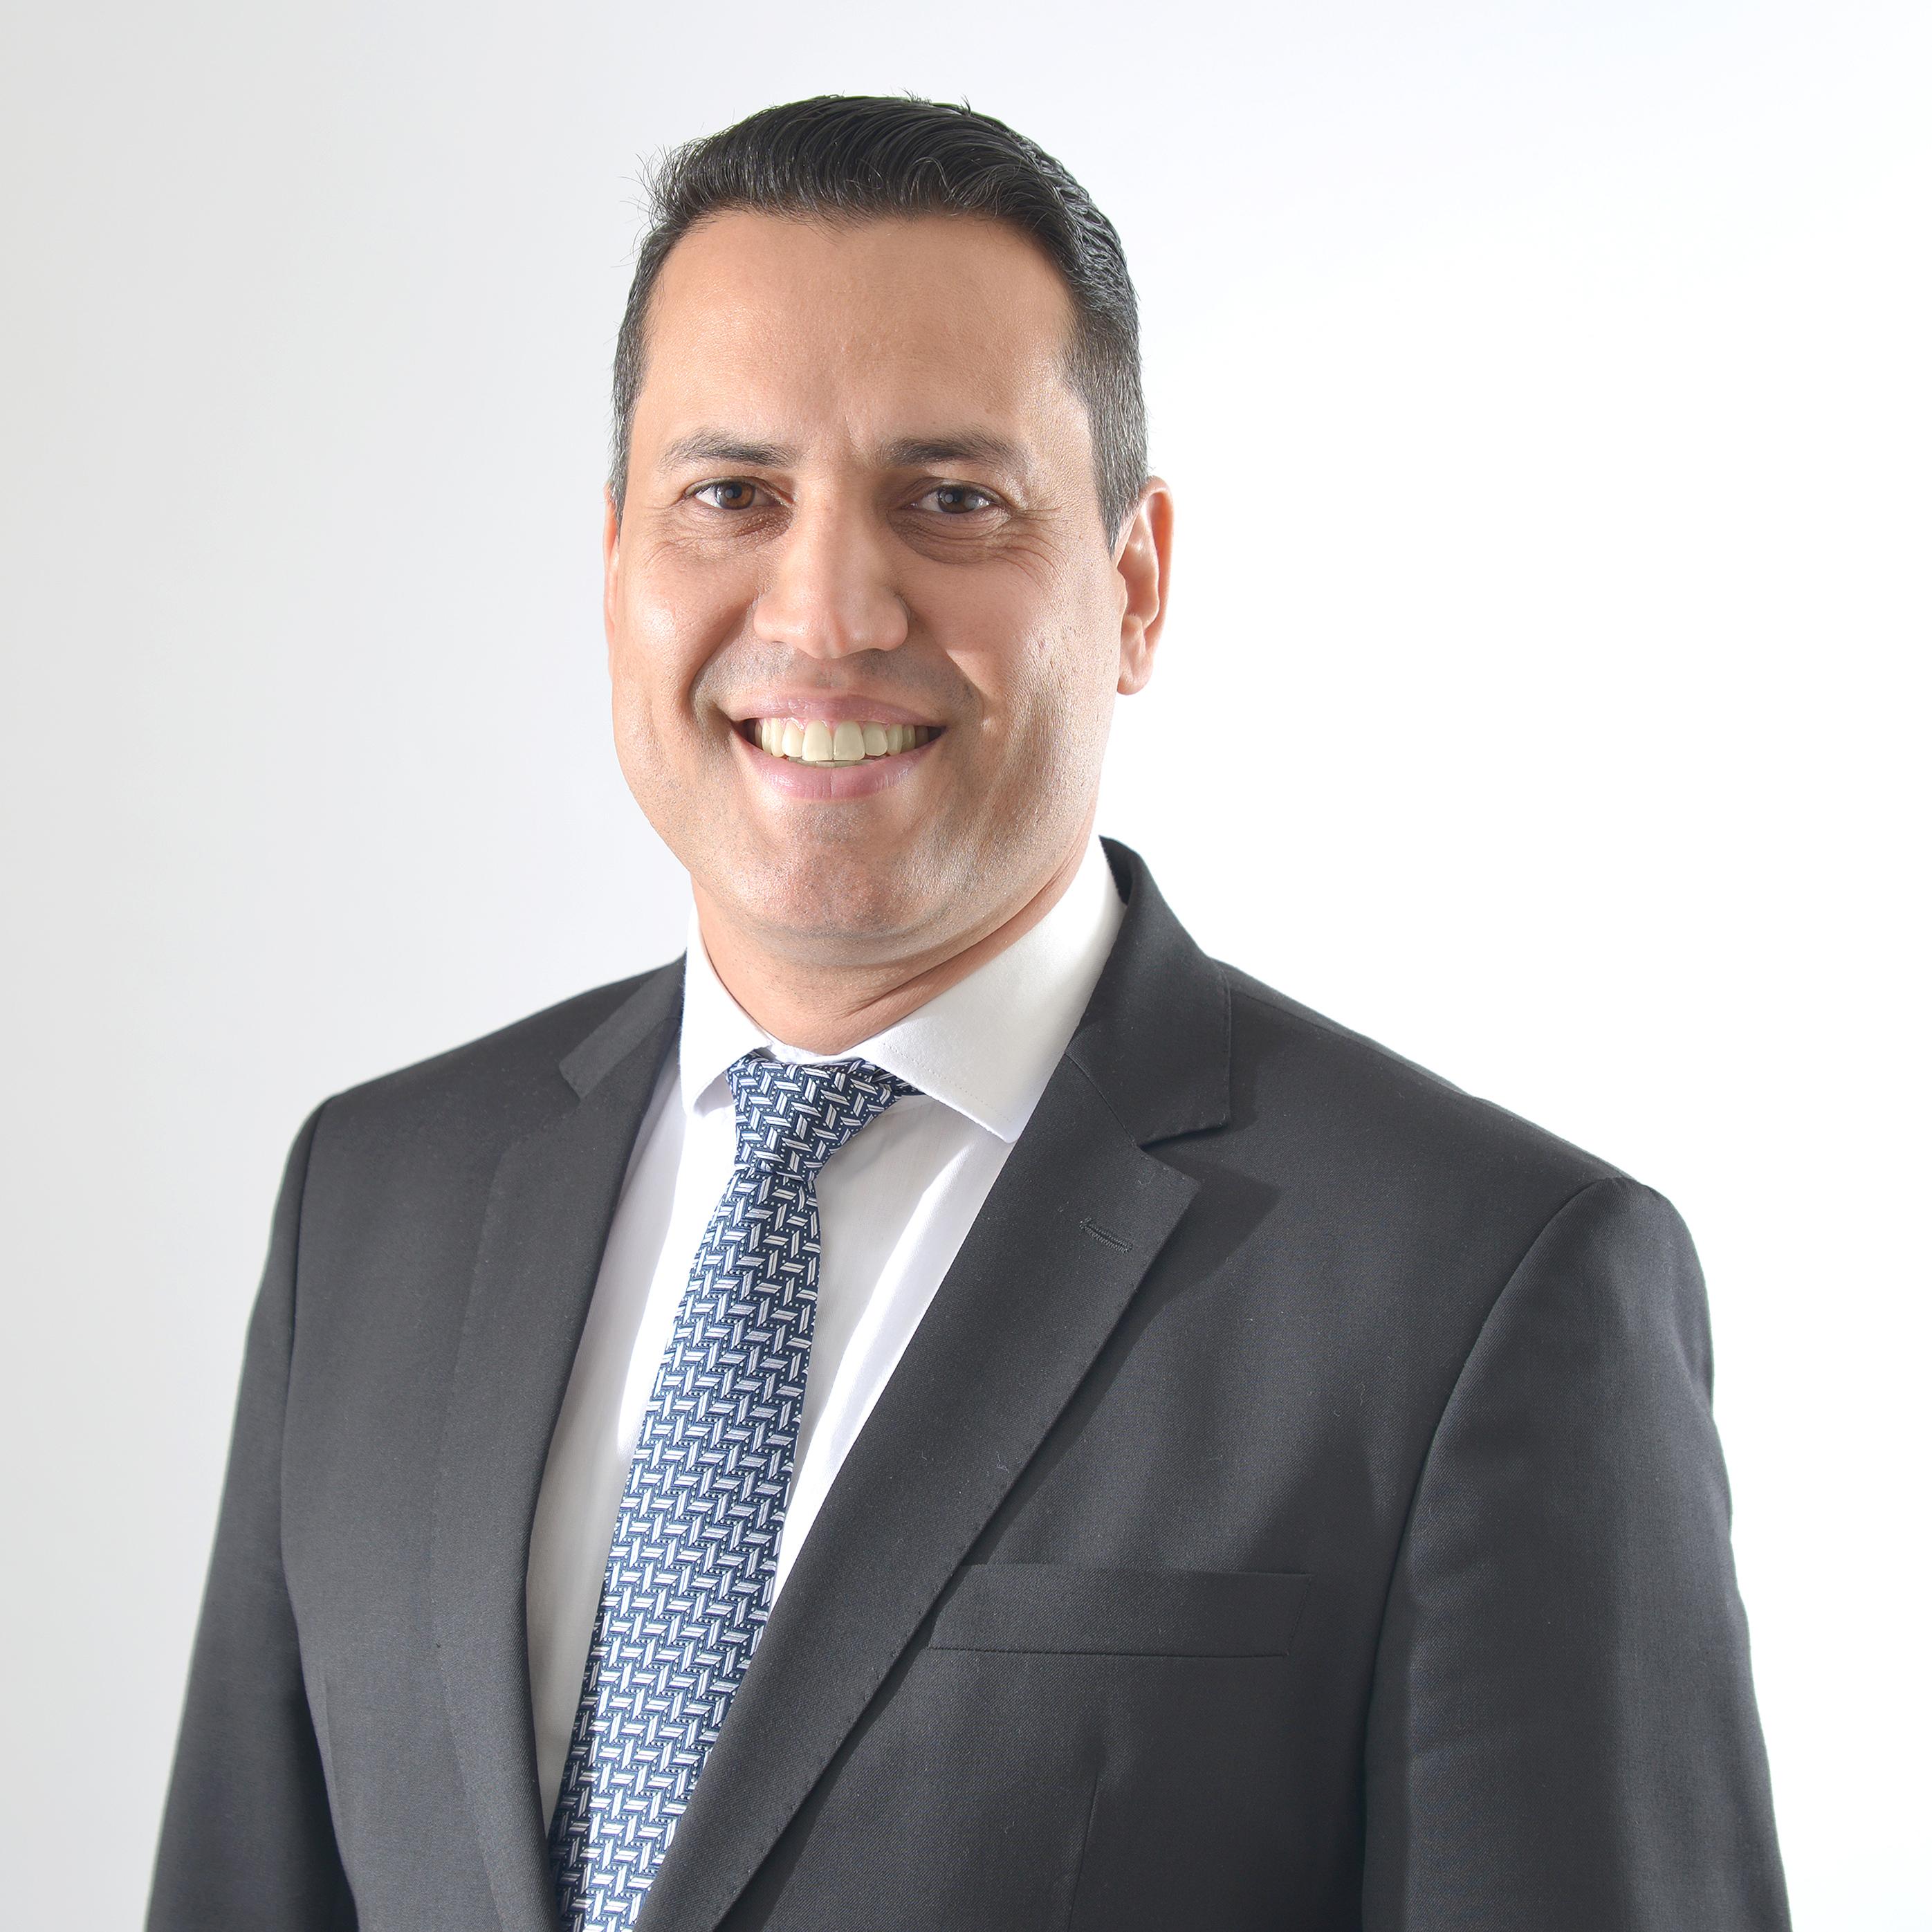 Fabio Candido Carnieto